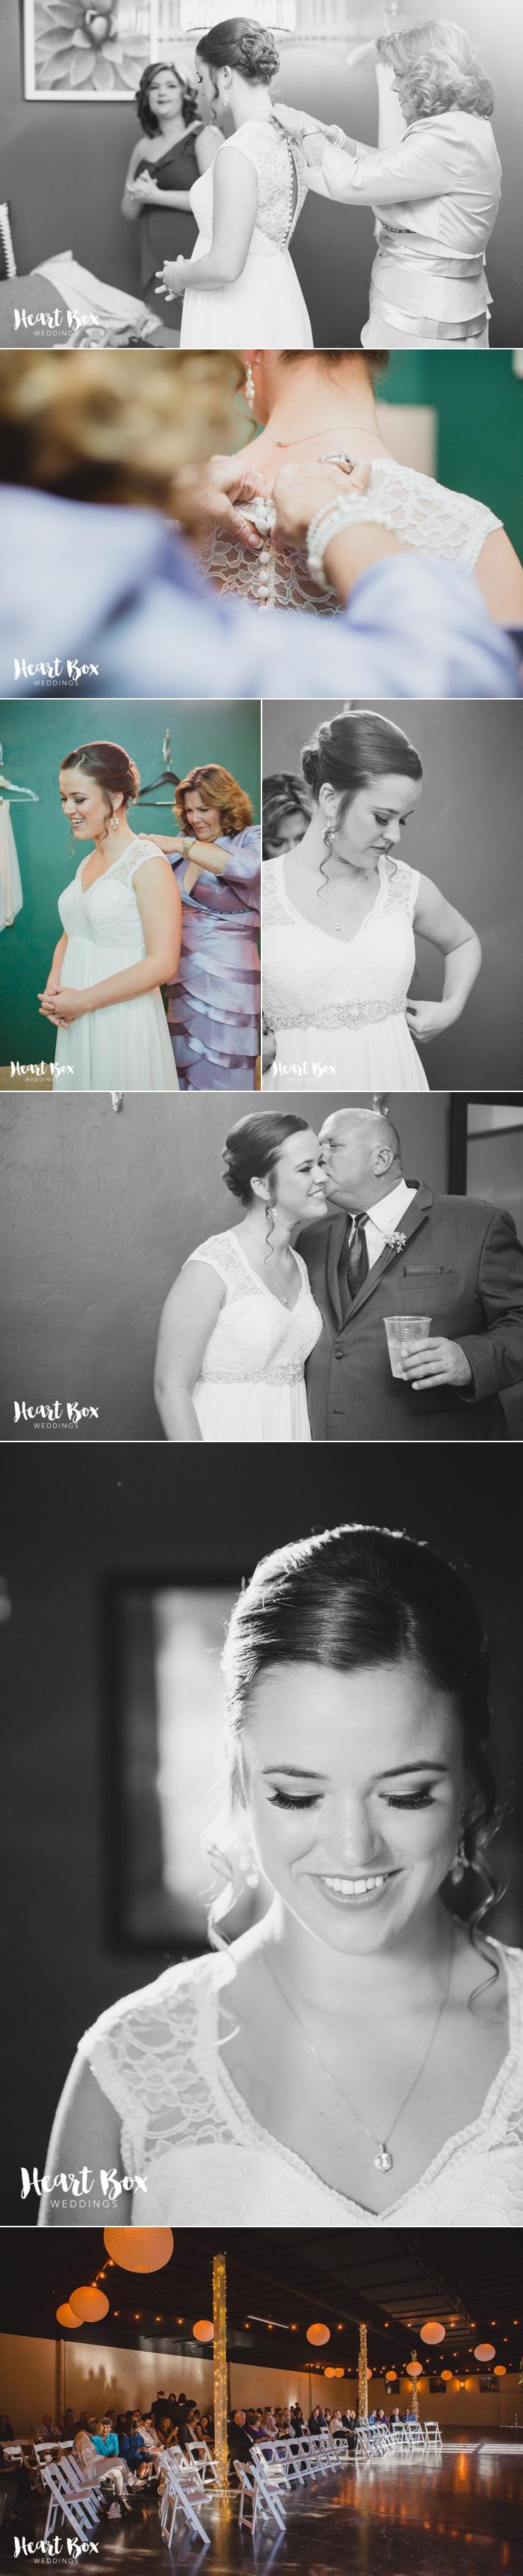 Hanson Wedding 4.jpg